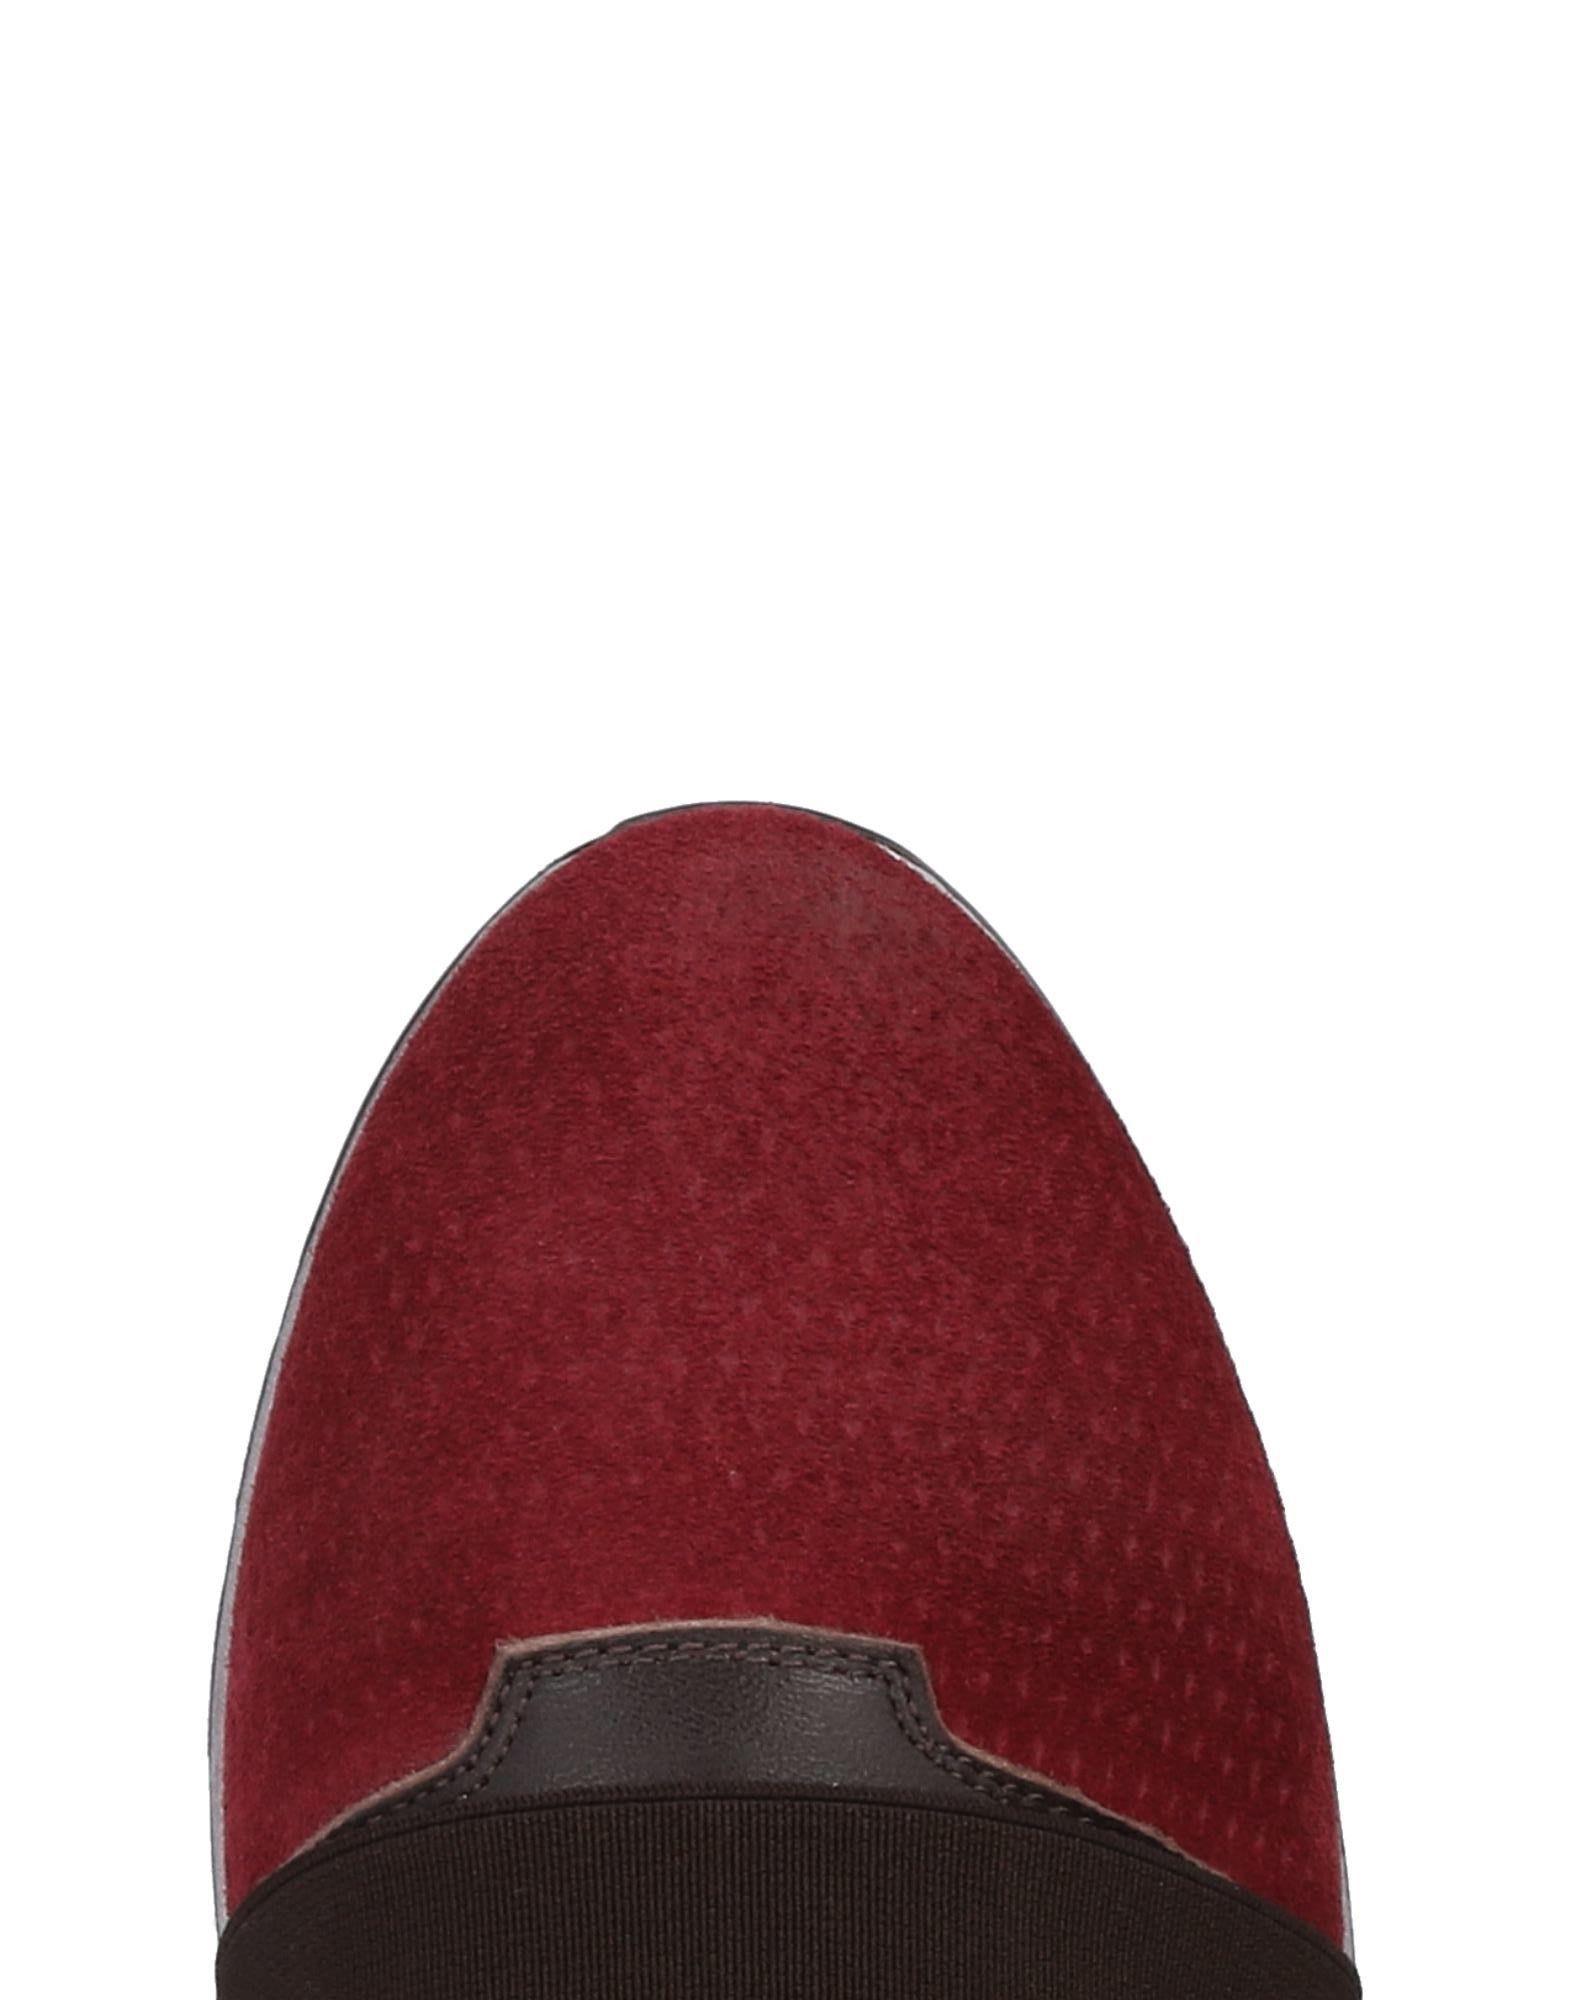 Tsd12 11453978PJ Sneakers Damen  11453978PJ Tsd12 Gute Qualität beliebte Schuhe a03b1a